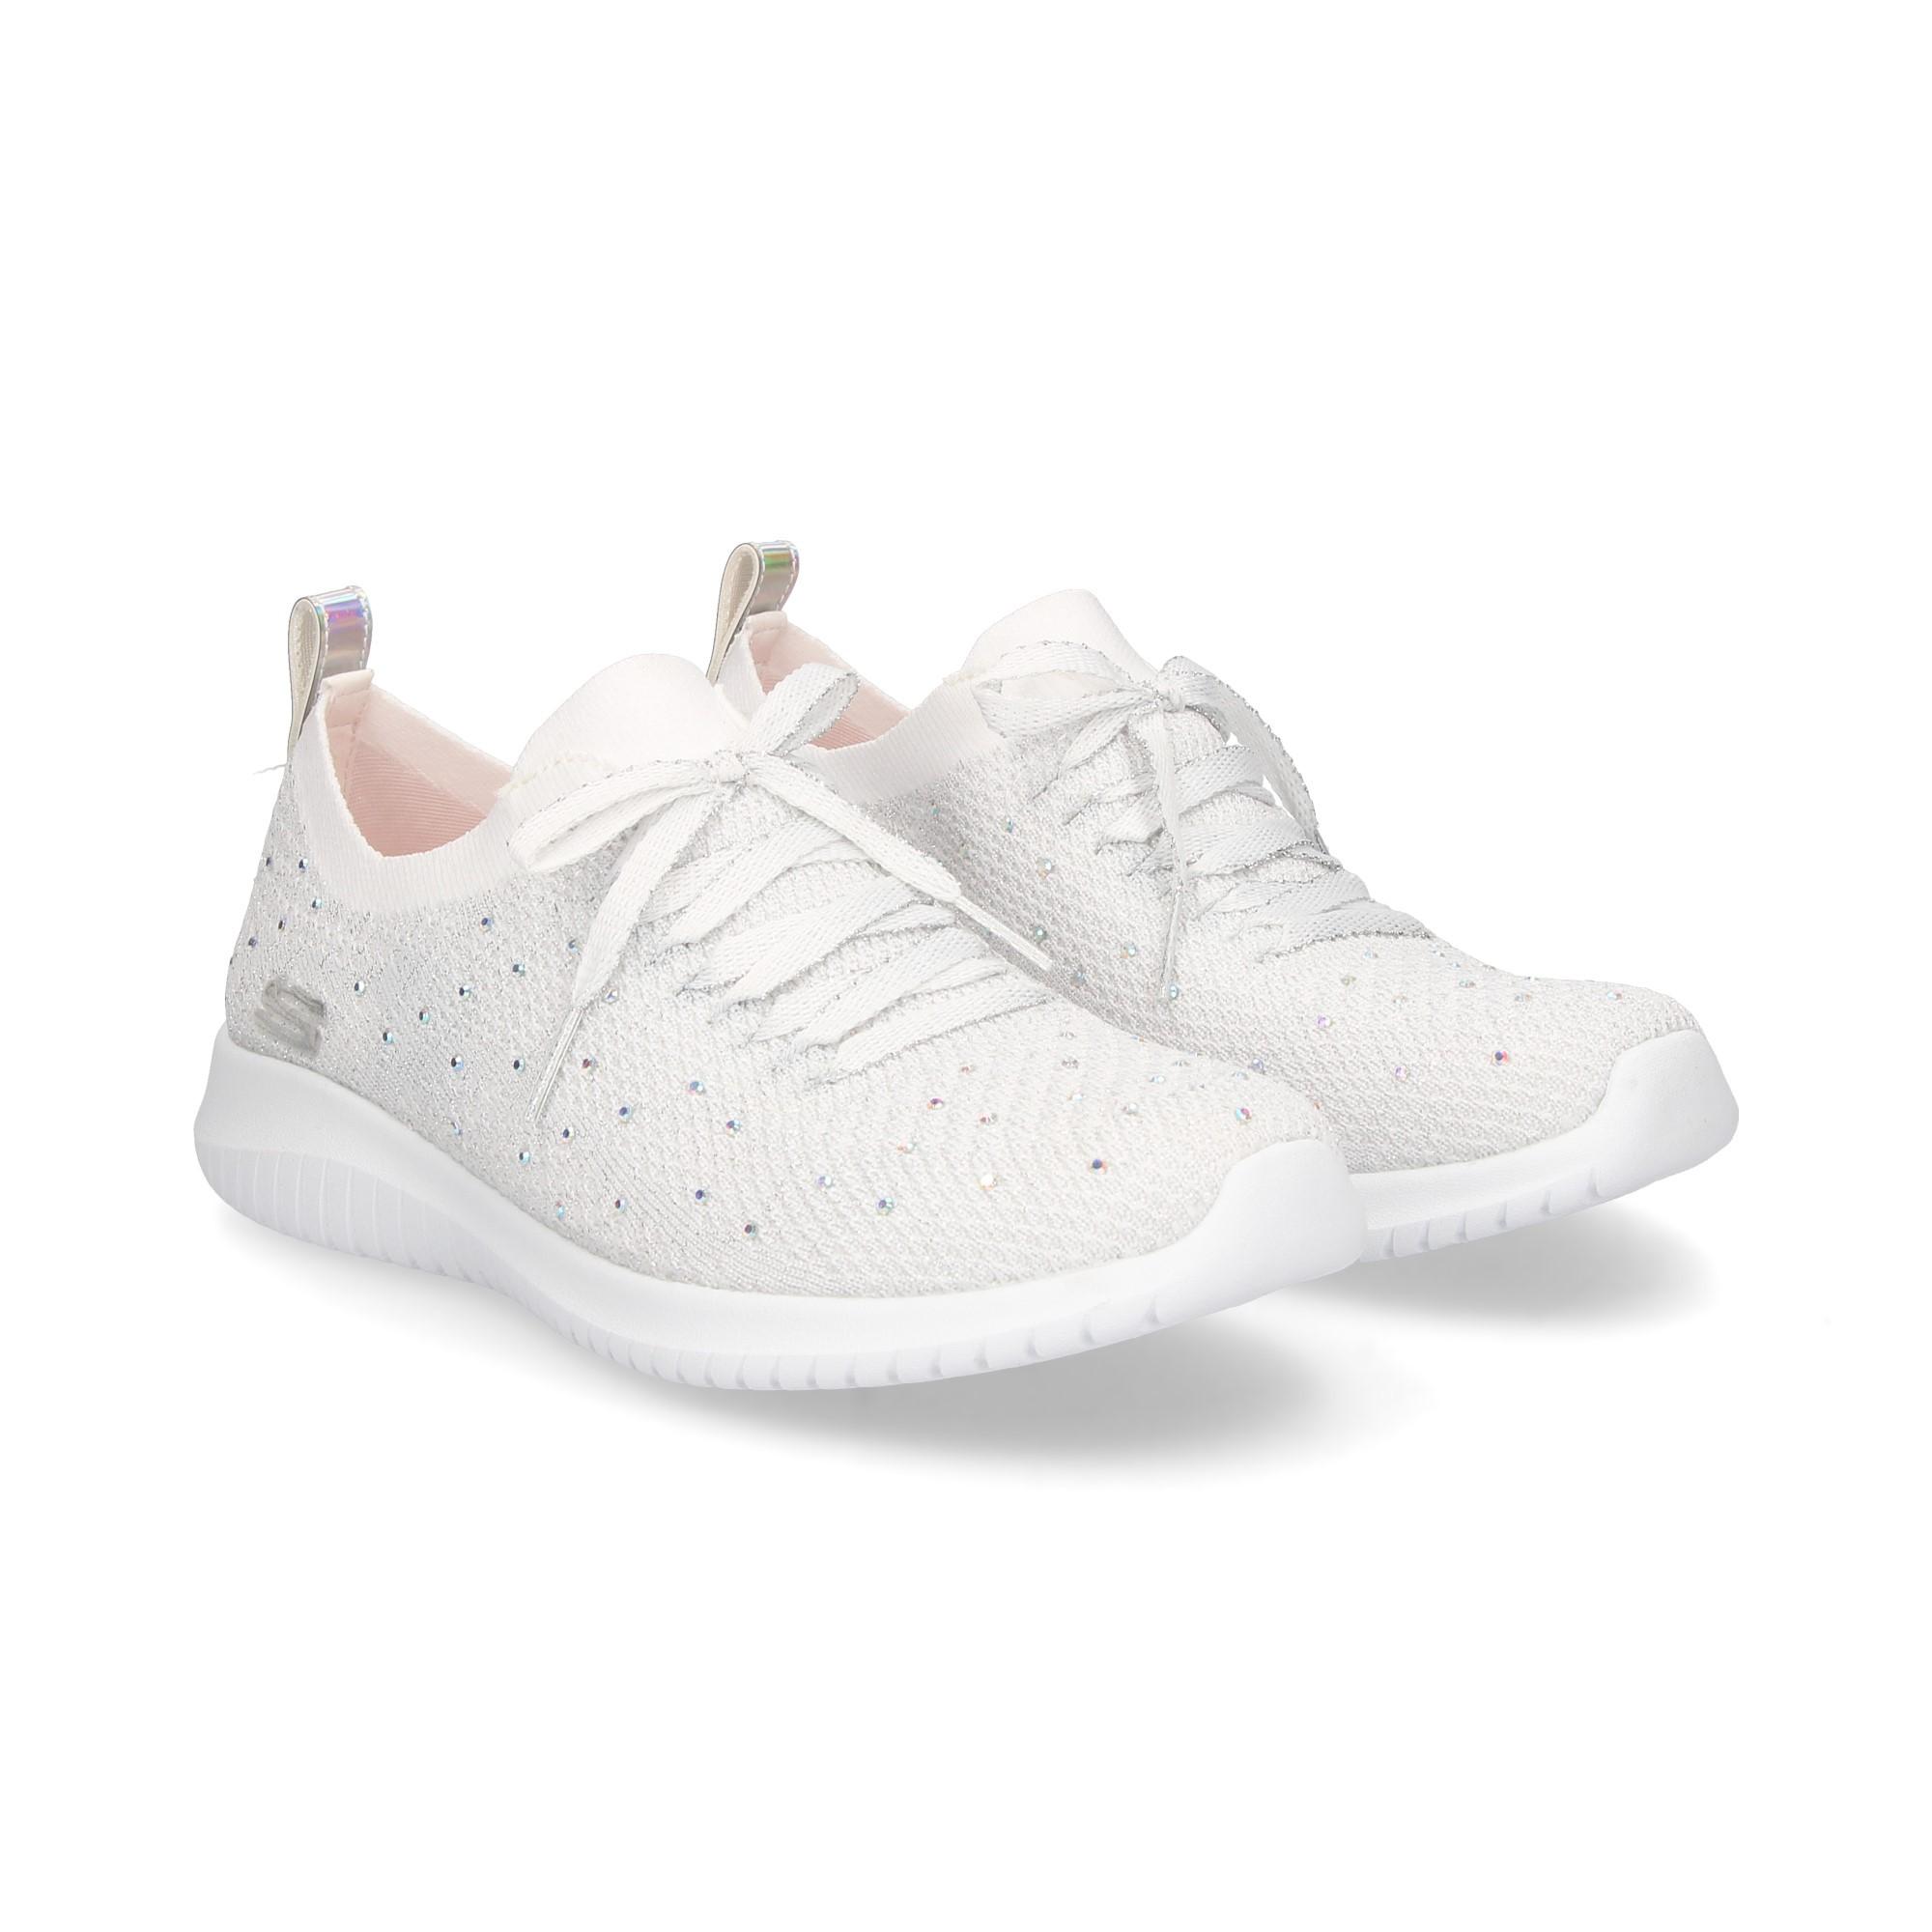 SKECHERS Women's Sneakers 13099 WSL BLANCO